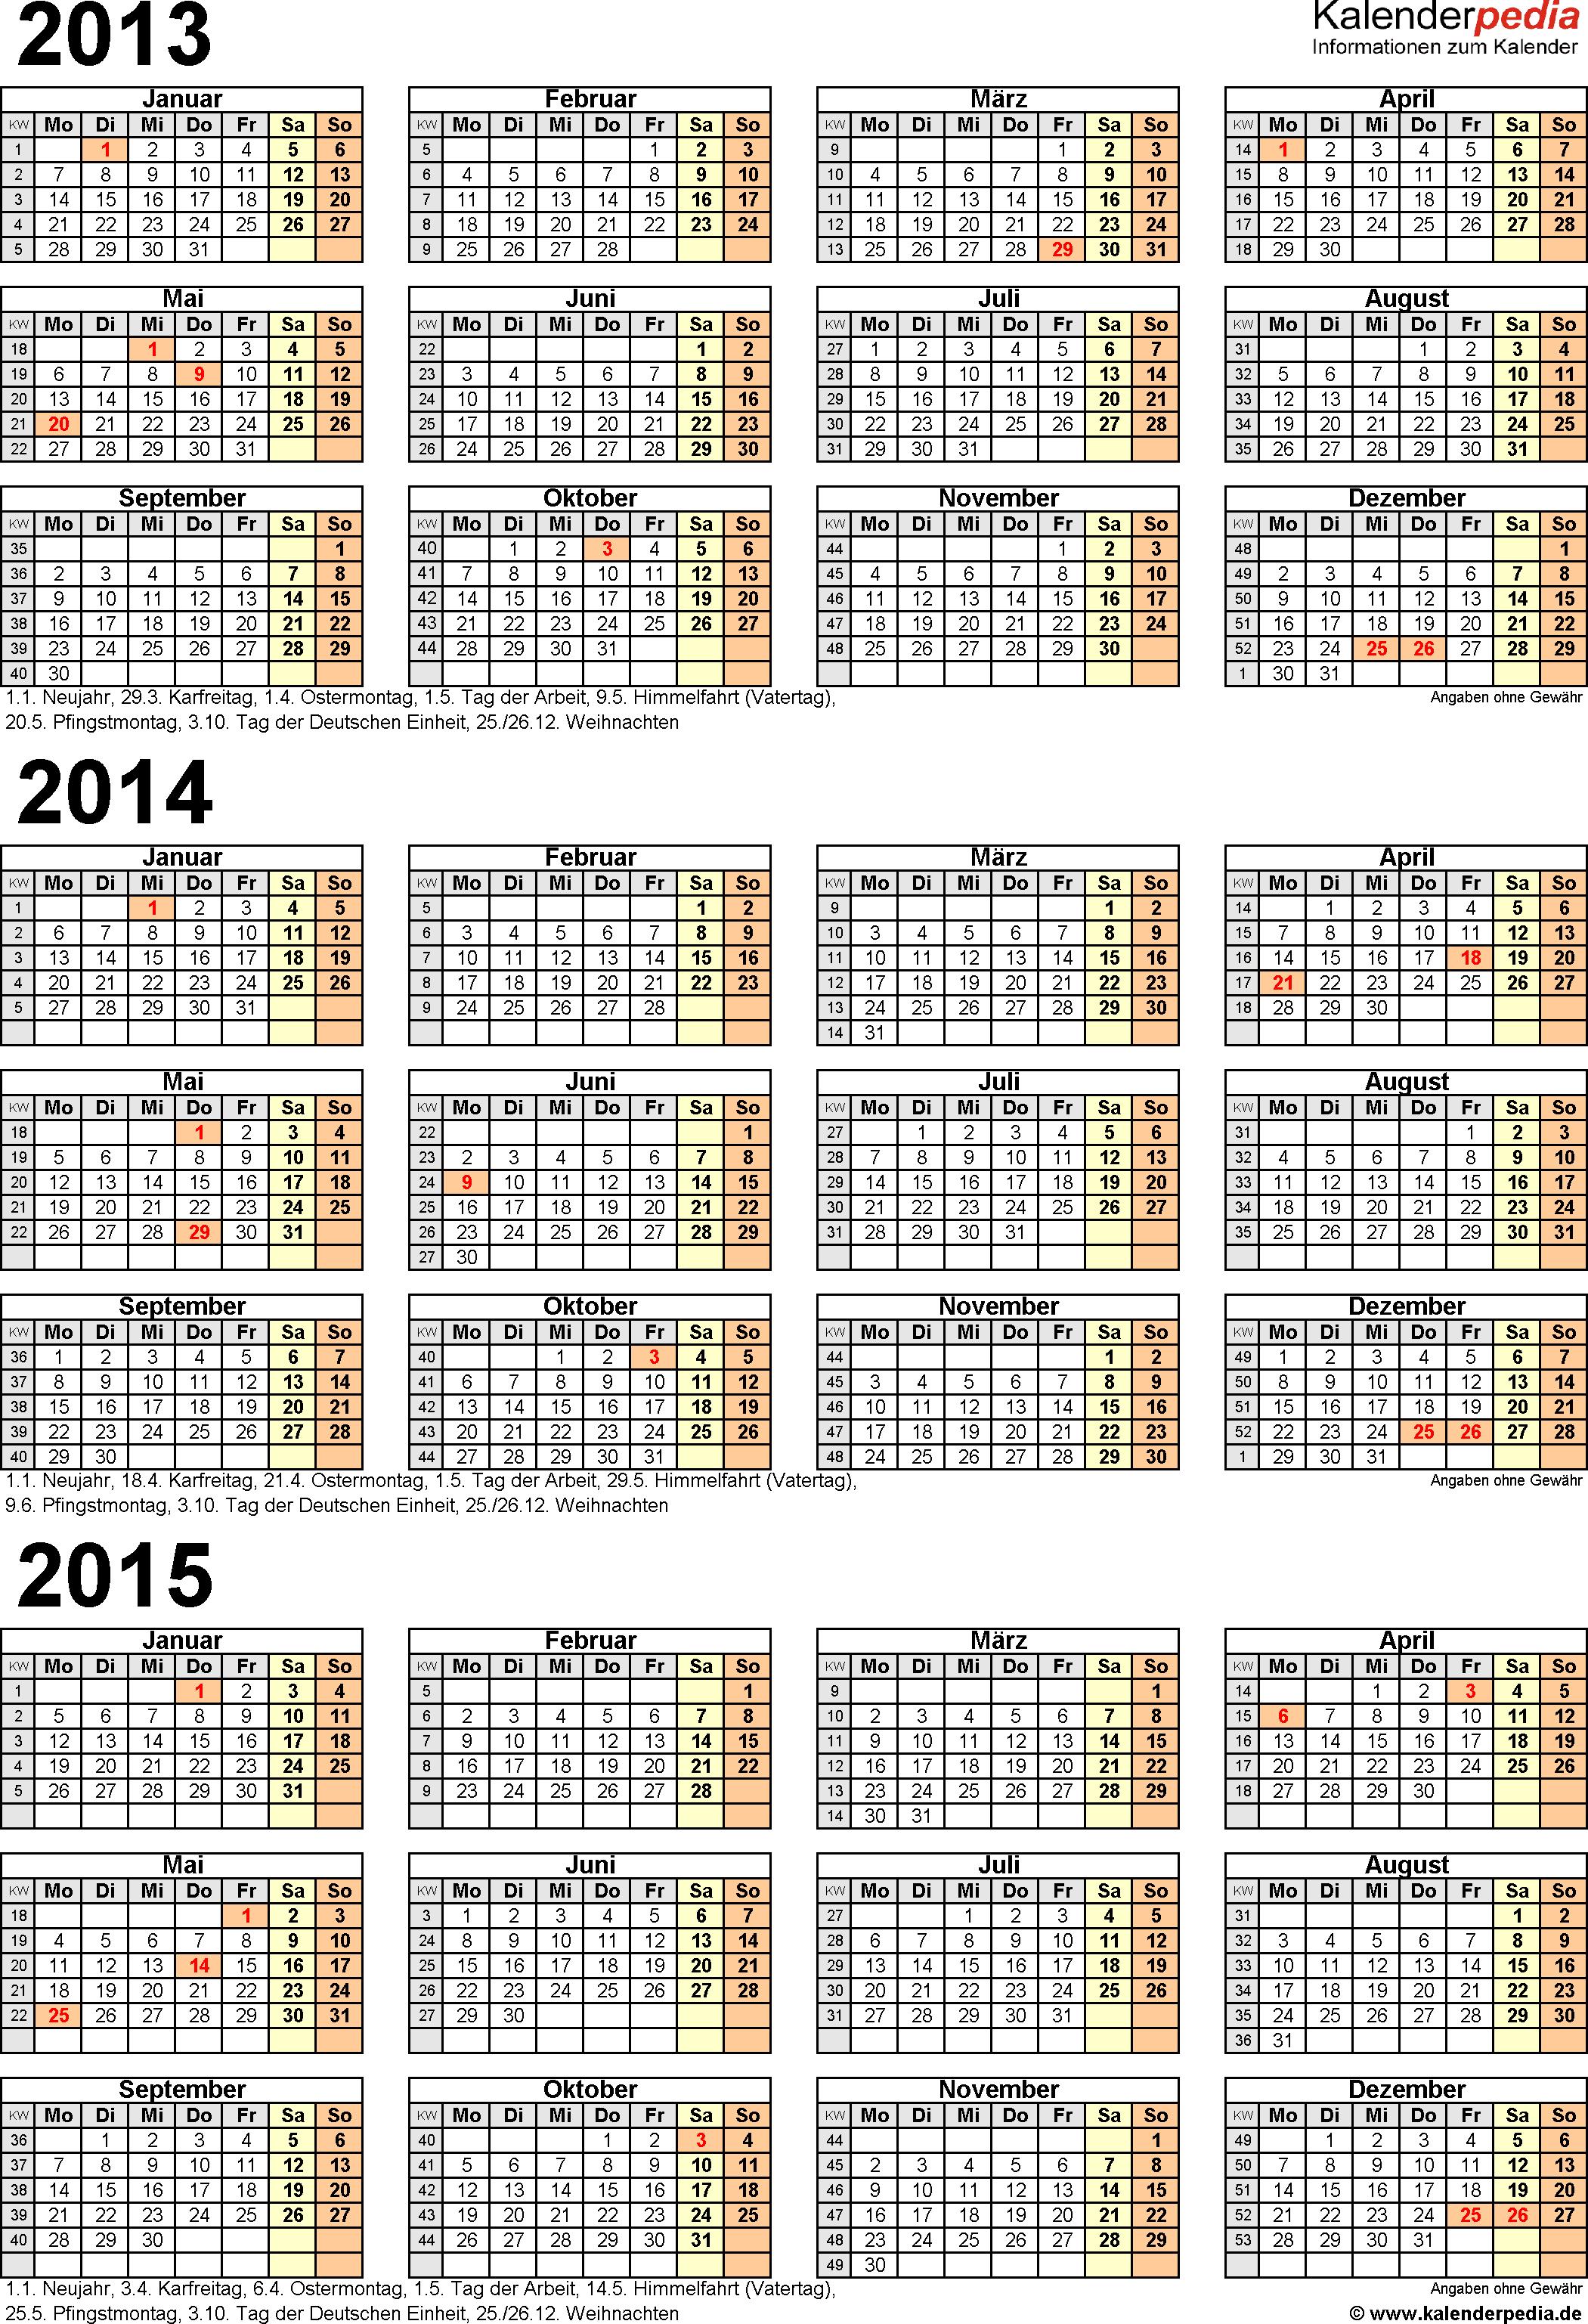 PDF-Vorlage für Dreijahreskalender 2013-2015 (Hochformat, 1 Seite)